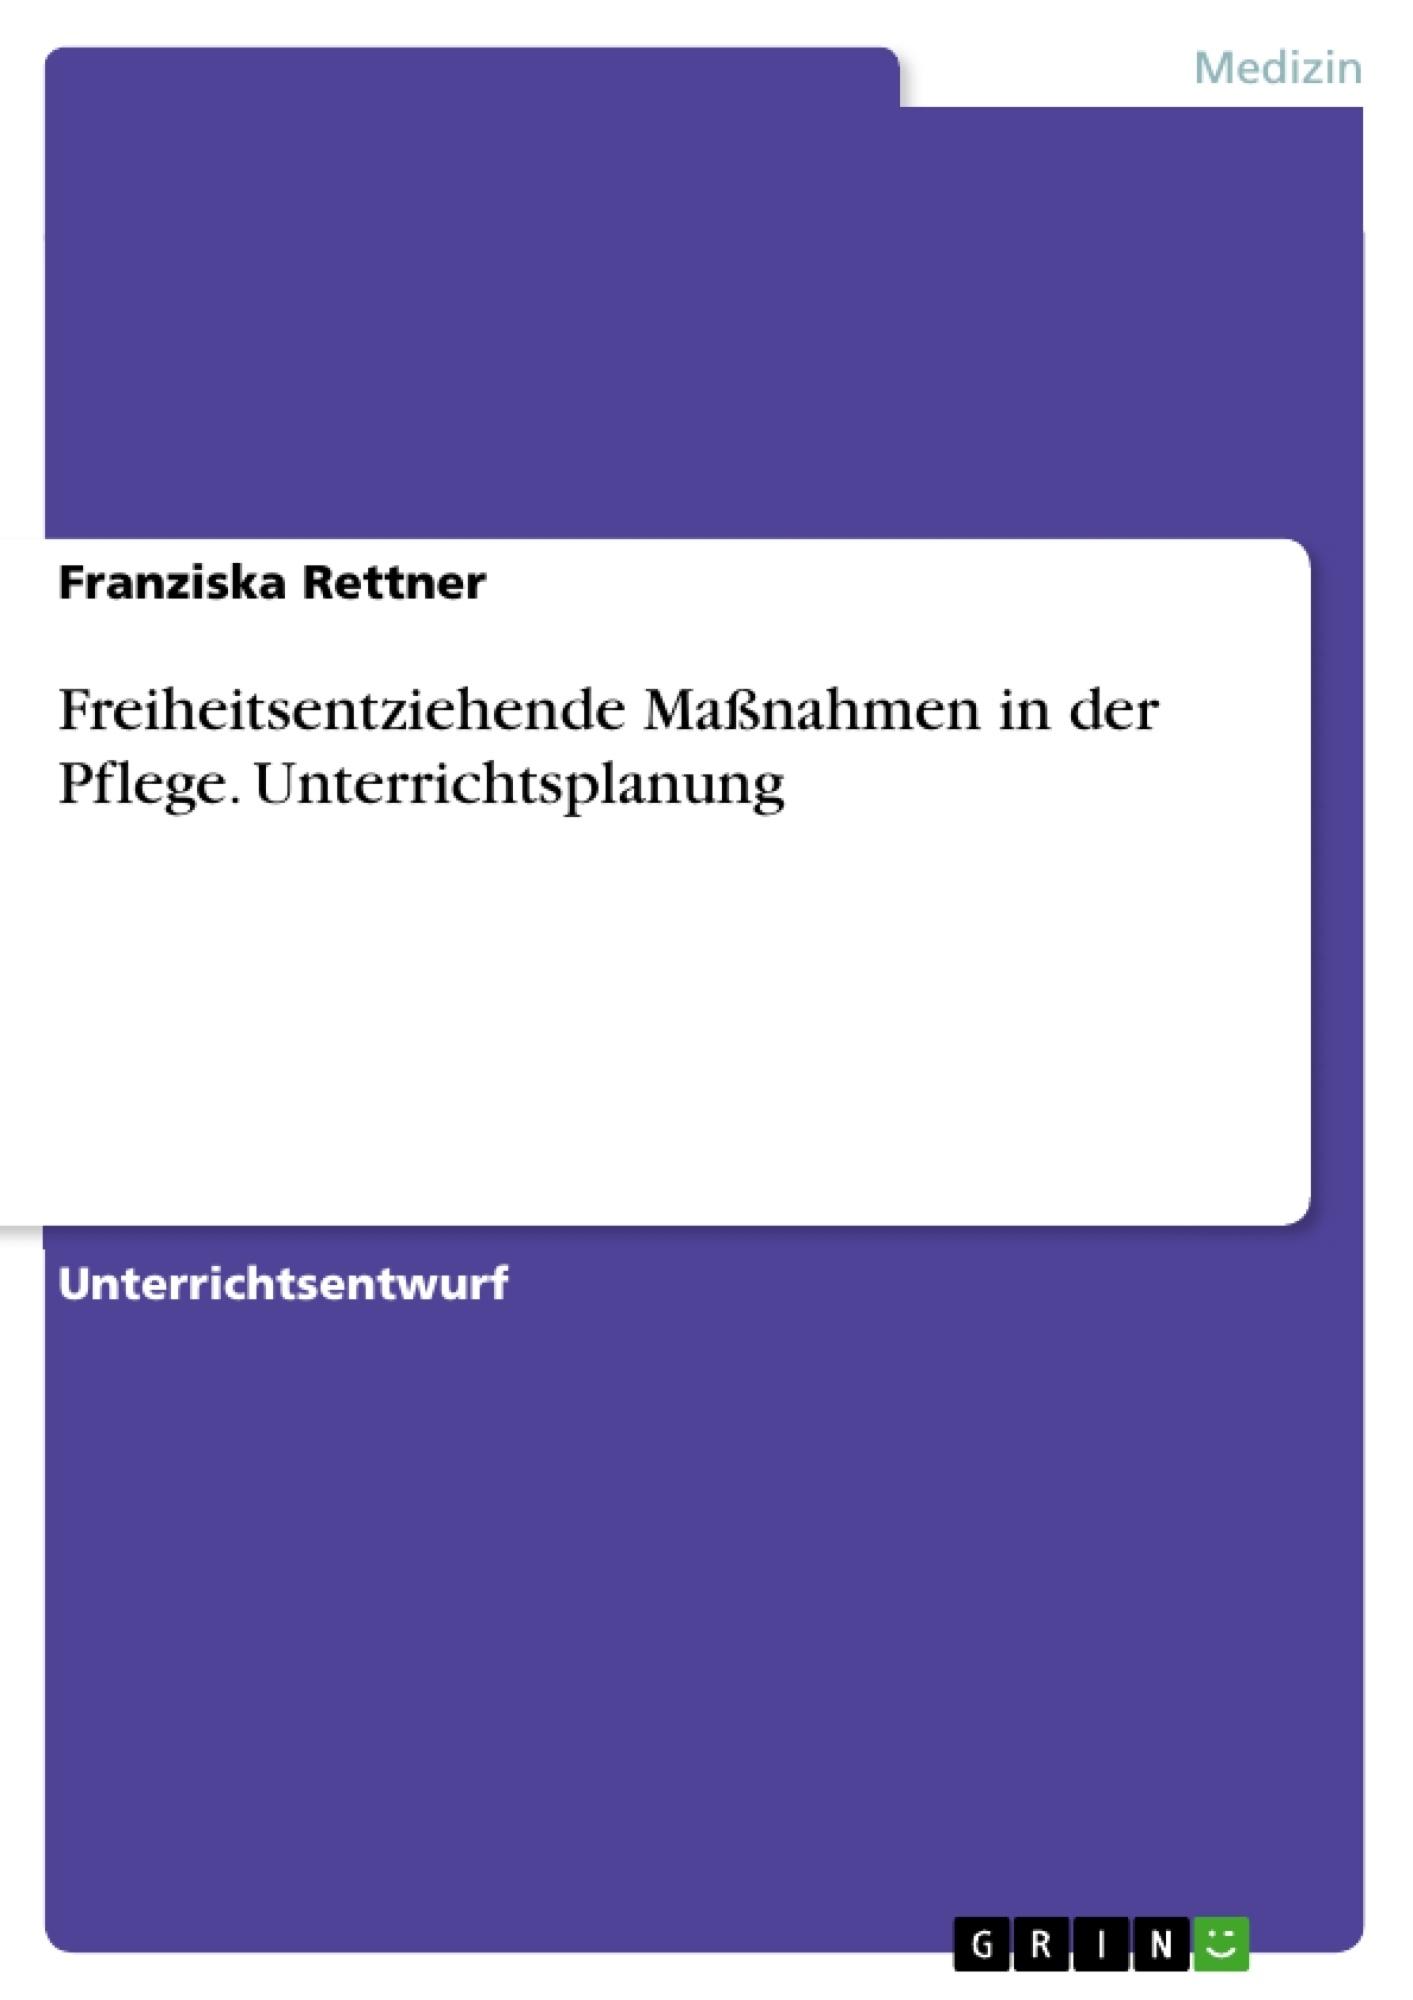 Titel: Freiheitsentziehende Maßnahmen in der Pflege. Unterrichtsplanung